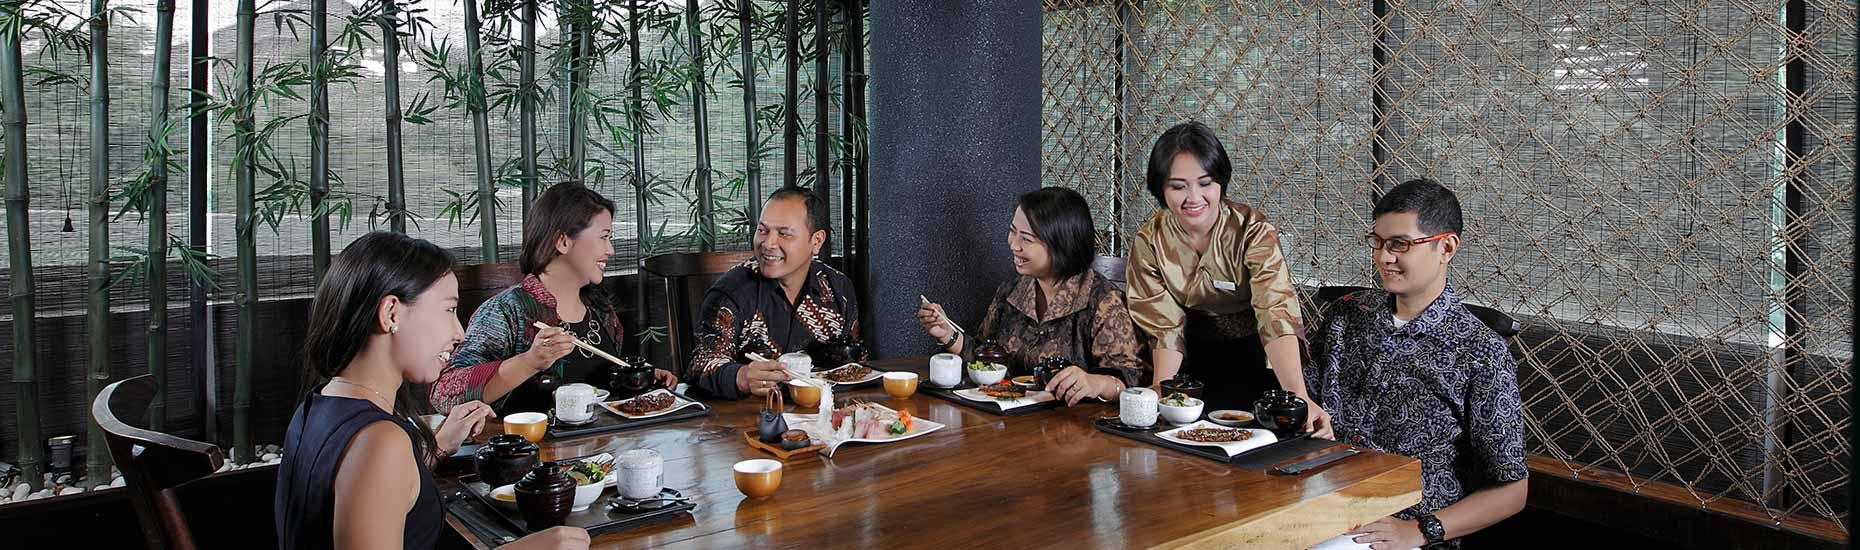 yoshi-izakaya-dining-event